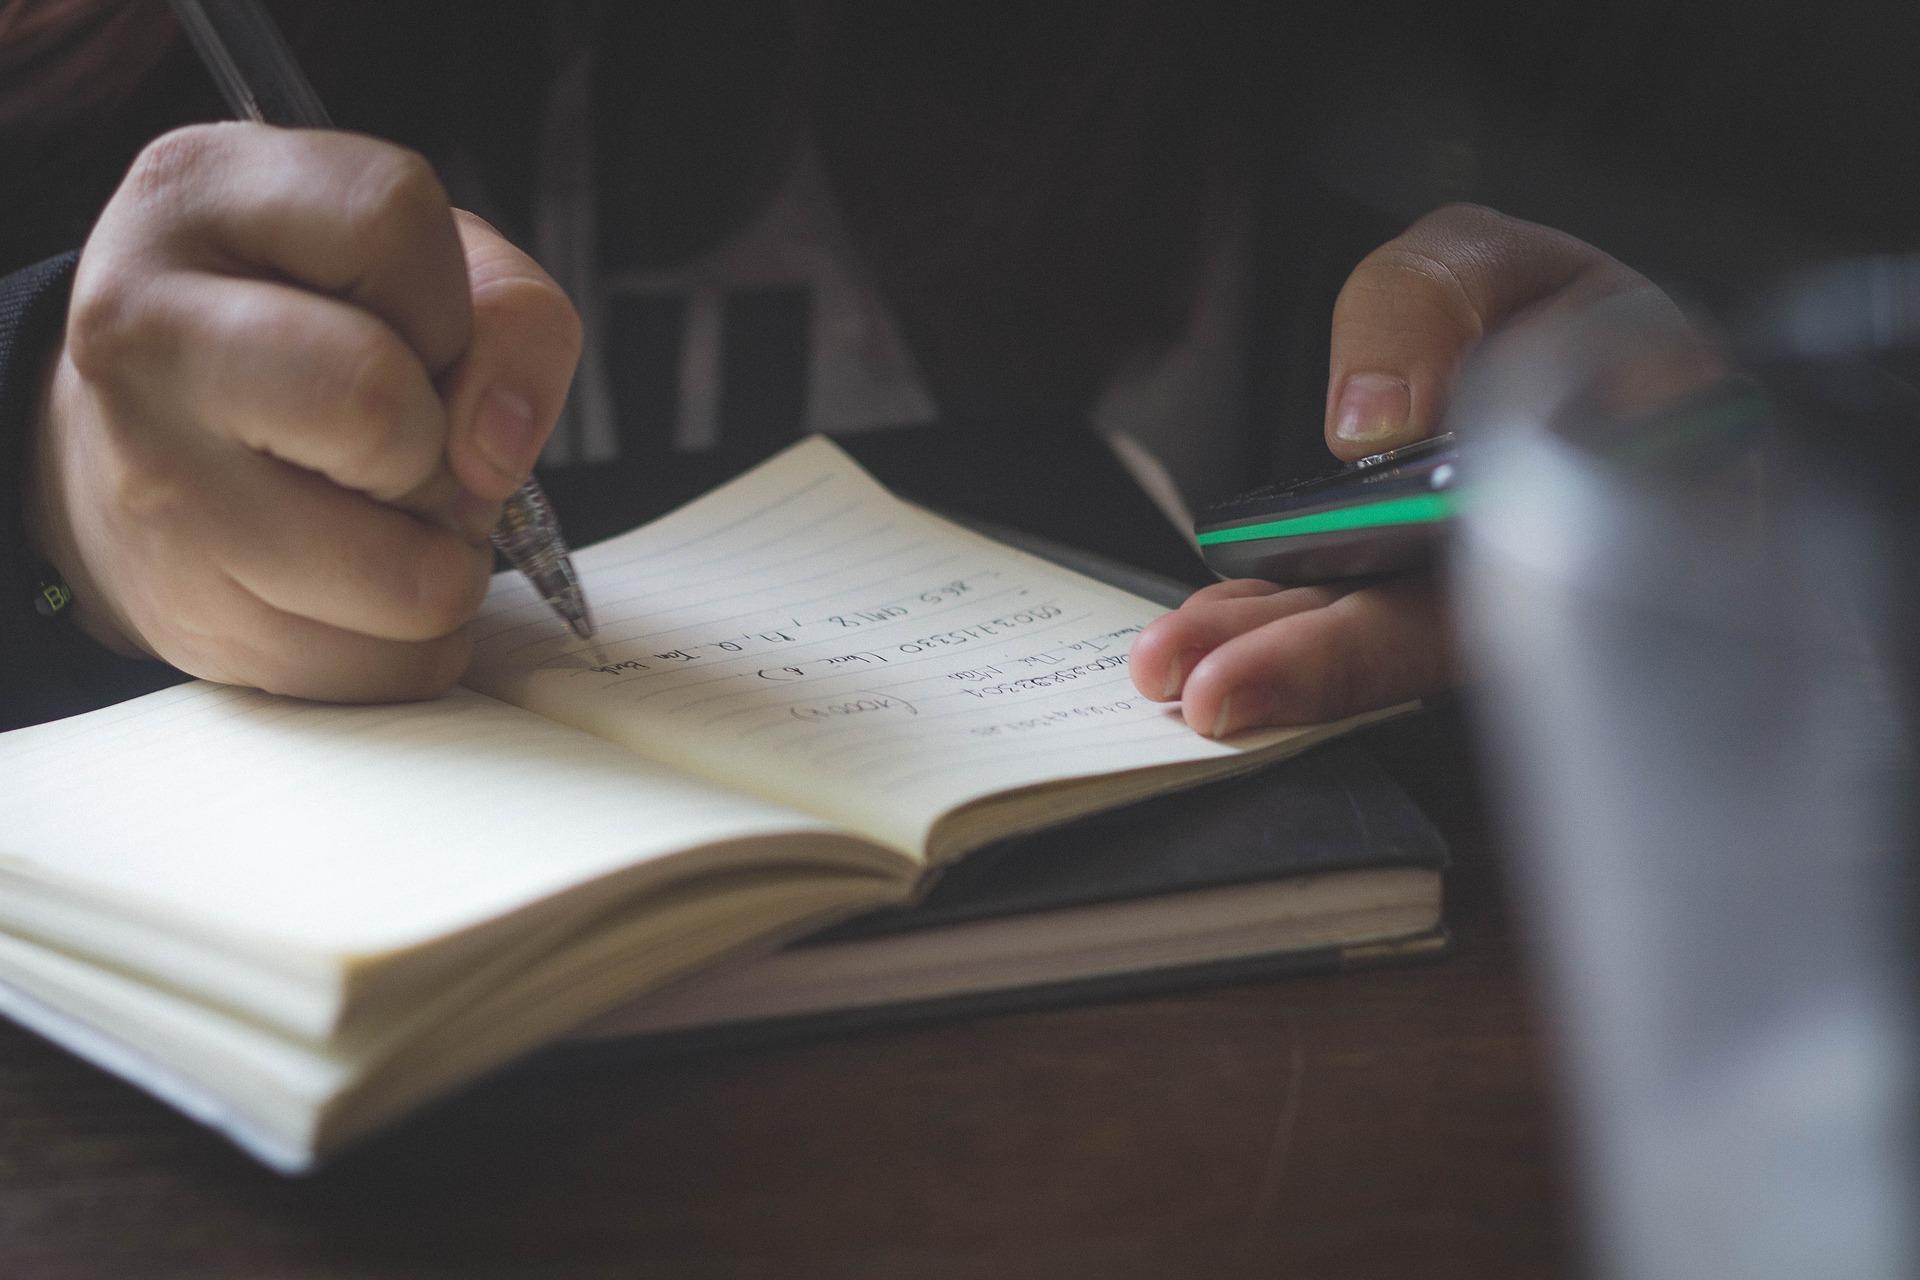 ประกาศบัณฑิตศึกษา มหาวิทยาลัยมหาจุฬาลงกรณราชวิทยาลัย วิทยาเขตนครราชสีมา เรื่อง ผลการสอบคัดเลือกเข้าศึกษาระดับบัณฑิตศึกษา หลักสูตรพุทธศาสตรดุษฎีบัณฑิต สาขาวิชาพระพุทธศาสนา ประจำปีการศึกษา ๒๕๖๓